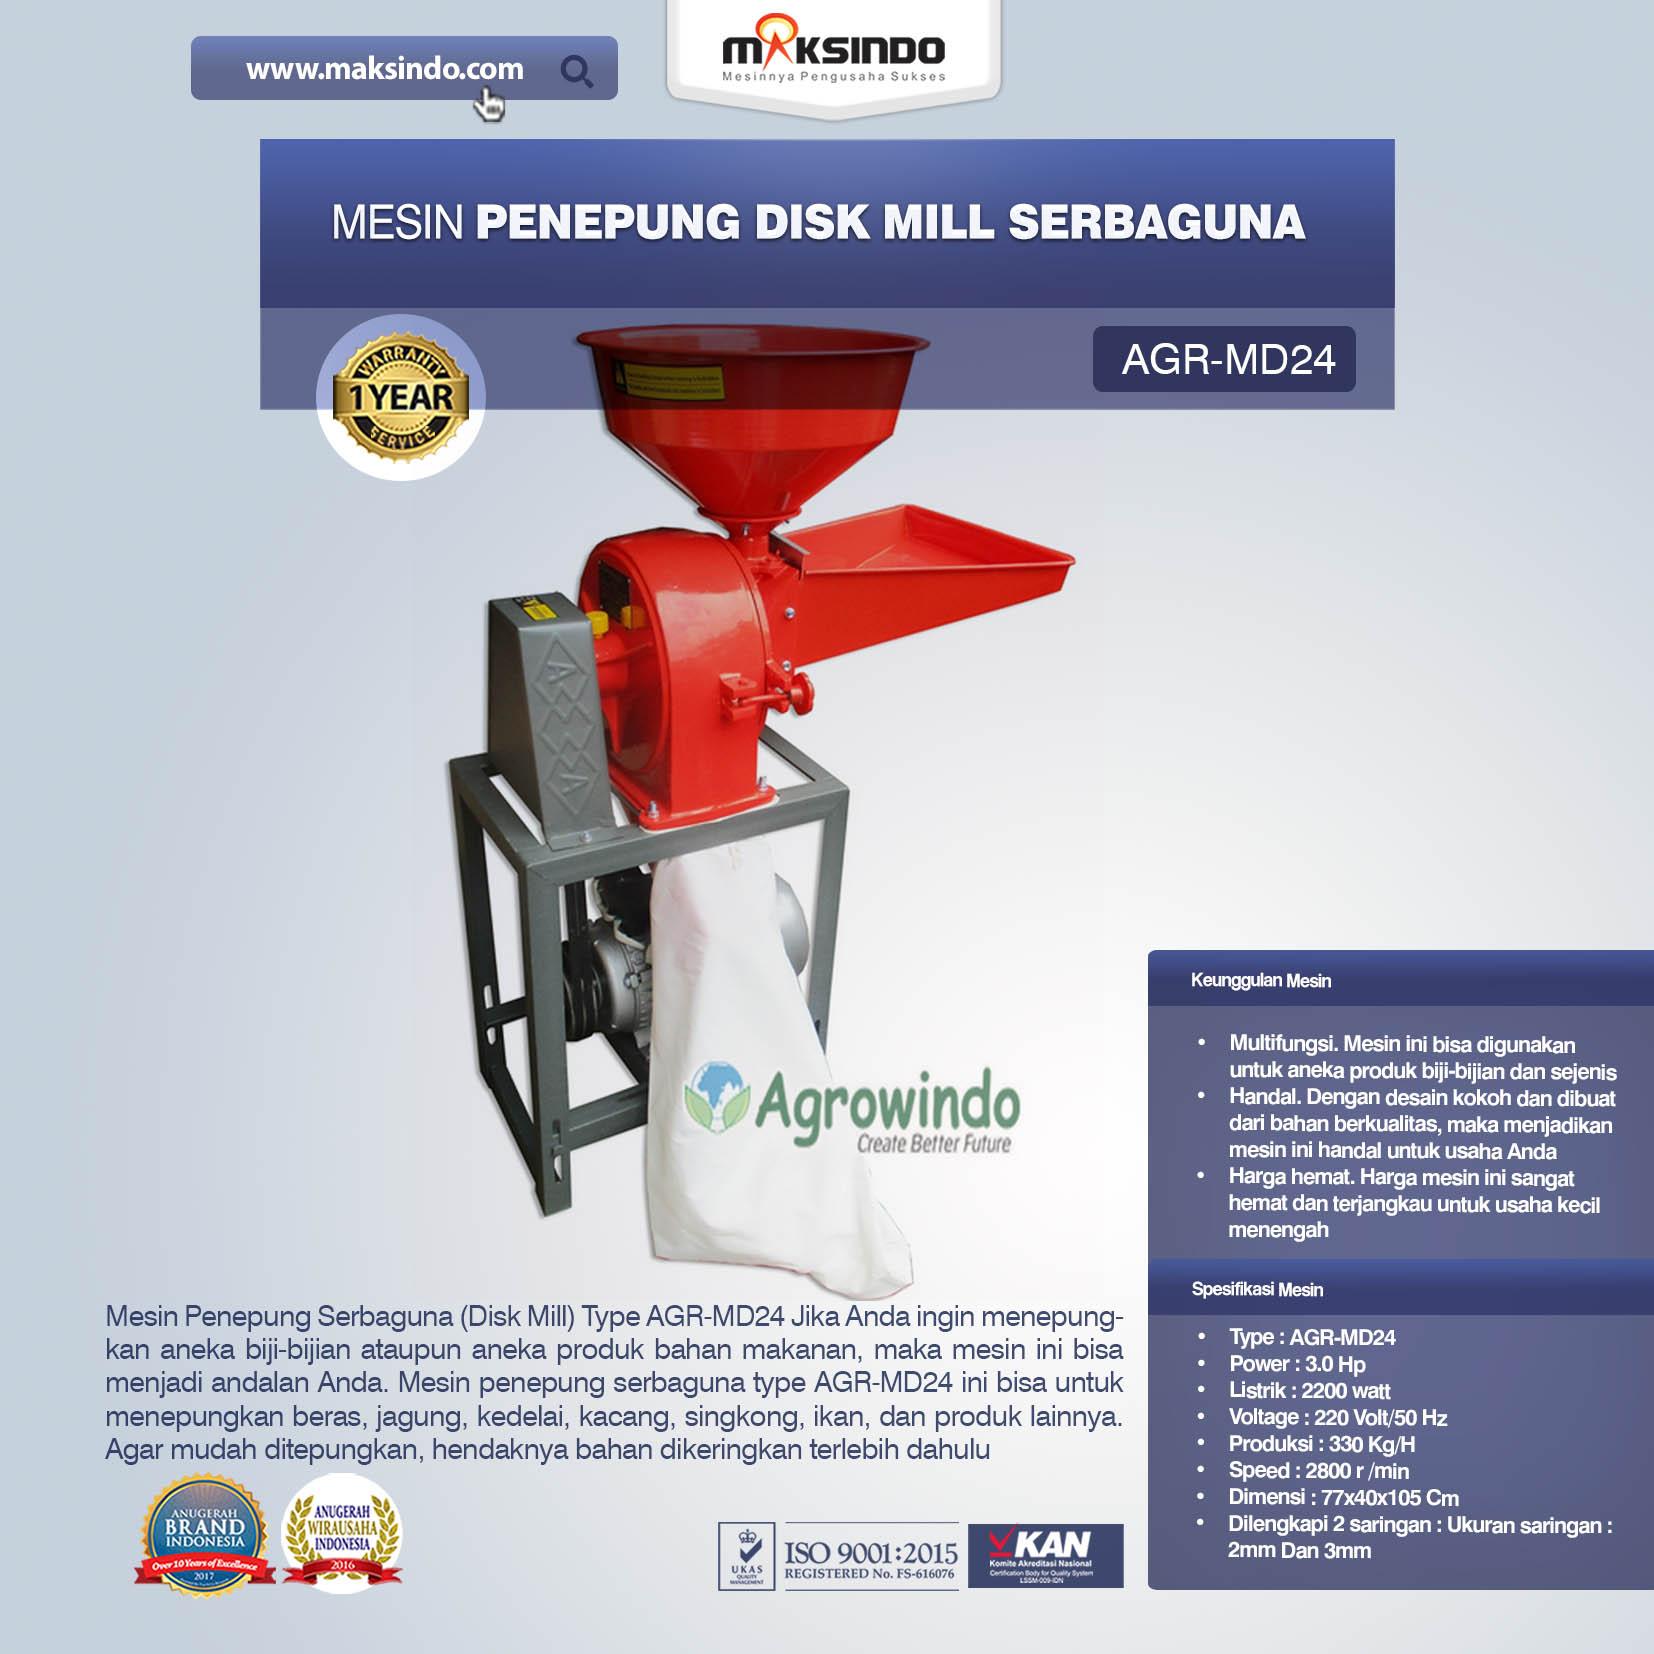 Jual Penepung Disk Mill Serbaguna (AGR-MD24) di Bali